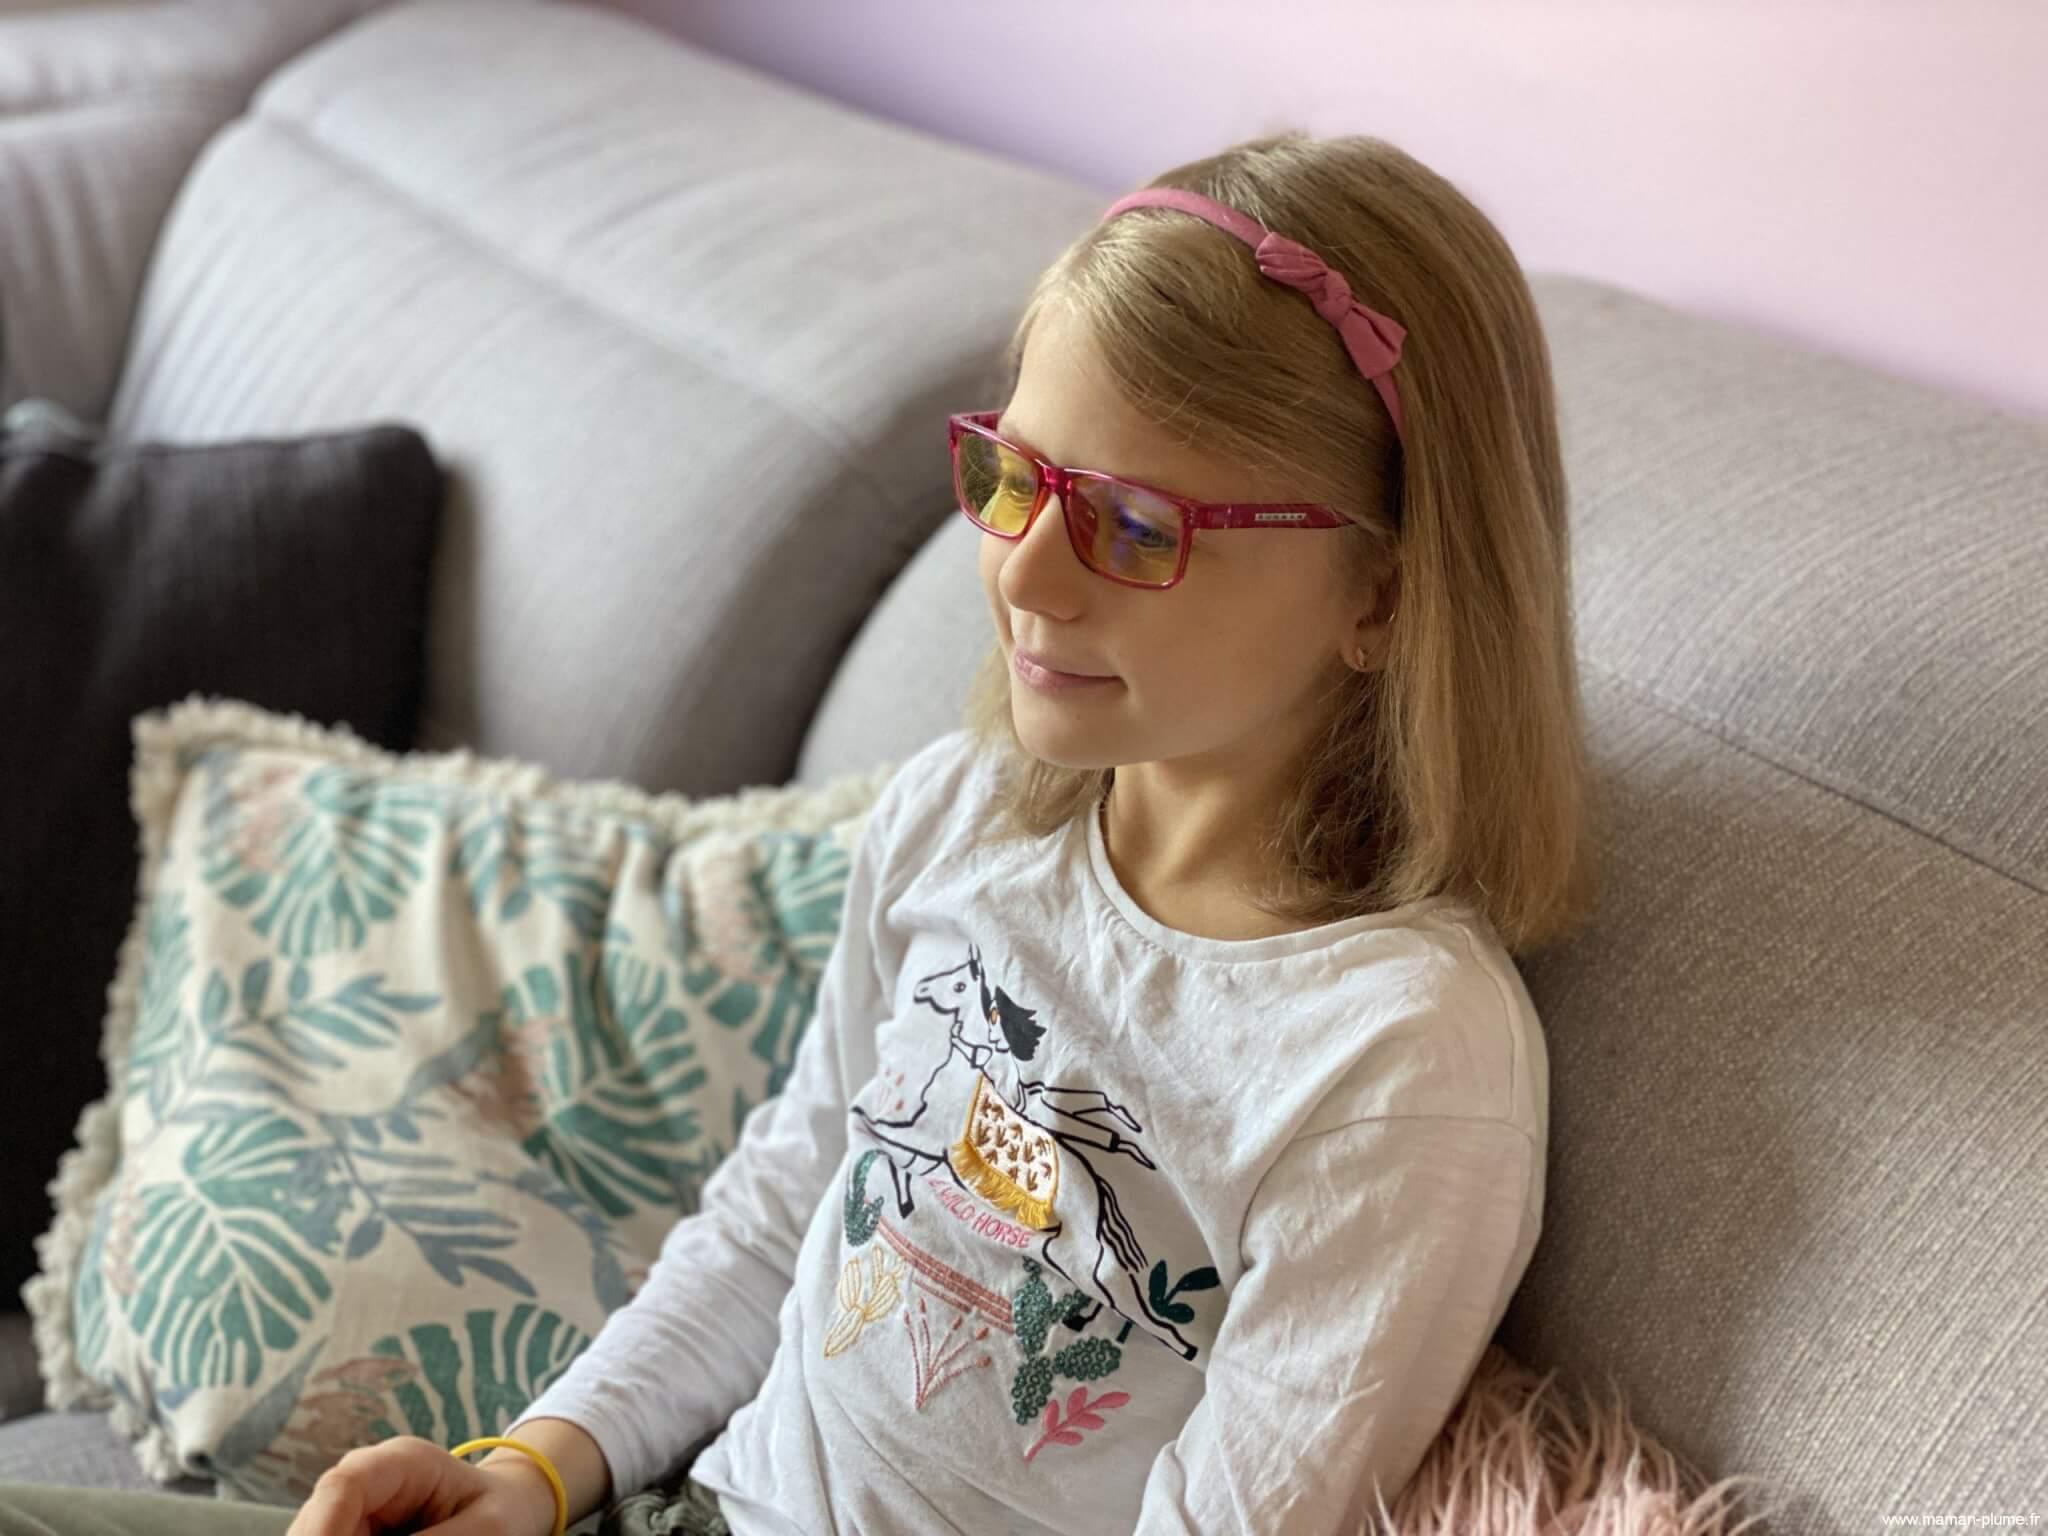 Protégez vos yeux des lumières bleus avec des lunettes chez Gunnar